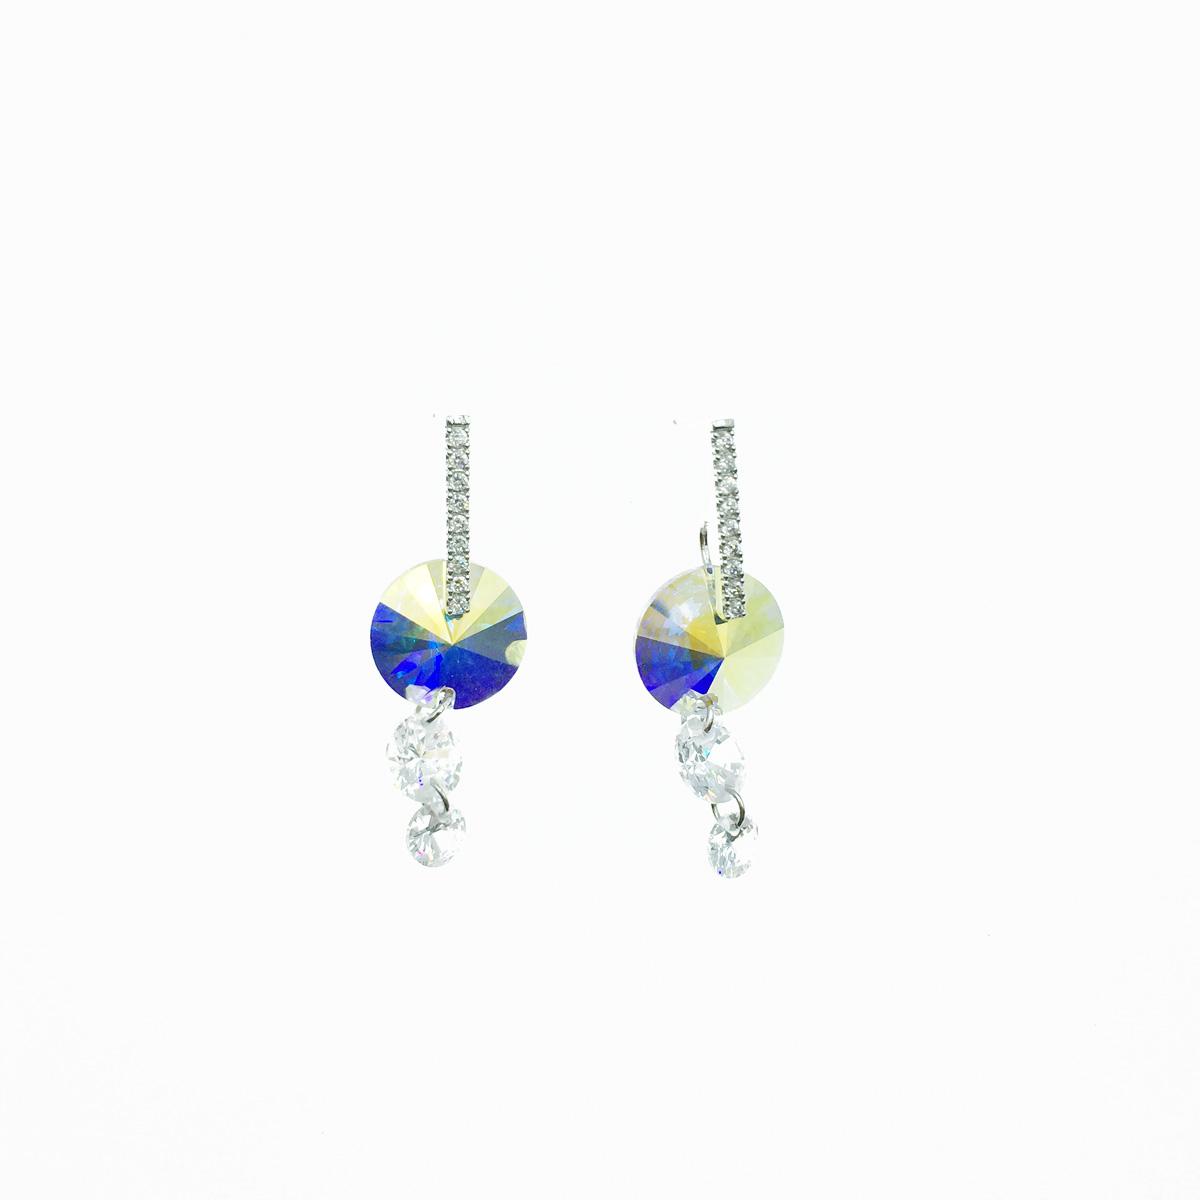 韓國 圓形 造型 切割 水晶 水鑽 排鑽 線條 圓珠 圓型 耳針式 耳環 採用施華洛世奇水晶元素 Crystals from Swarovski